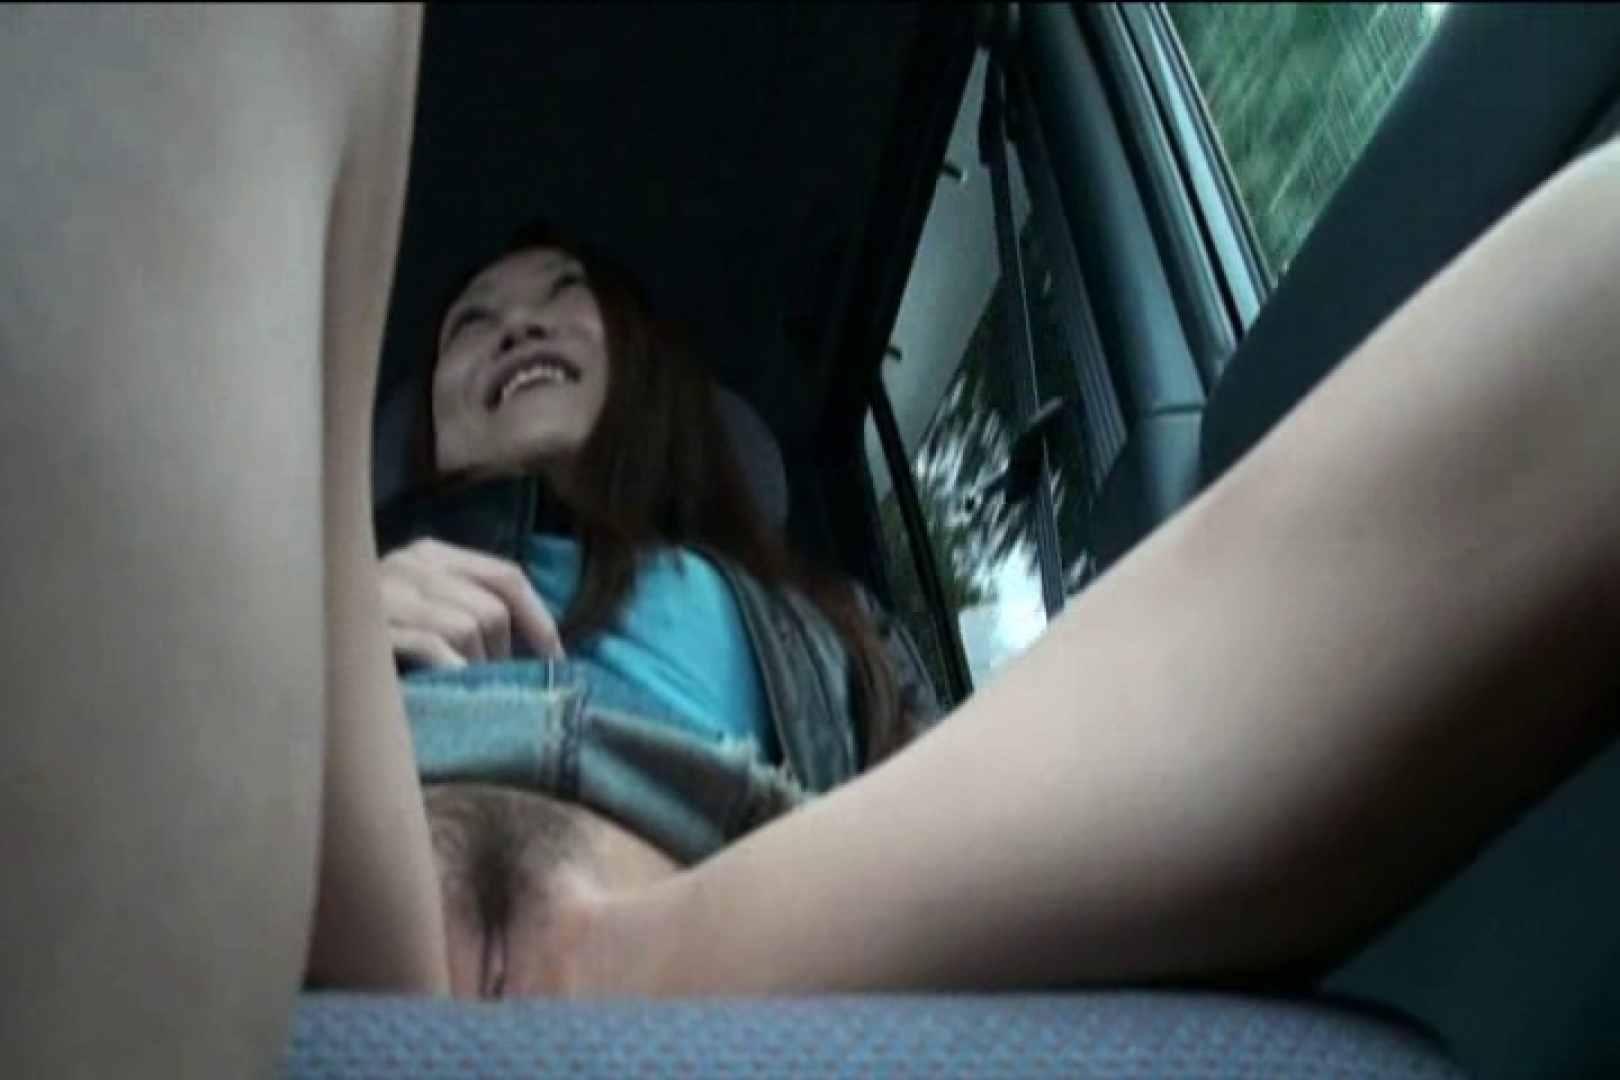 車内で初めまして! vol04 フェラ オメコ無修正動画無料 60枚 53